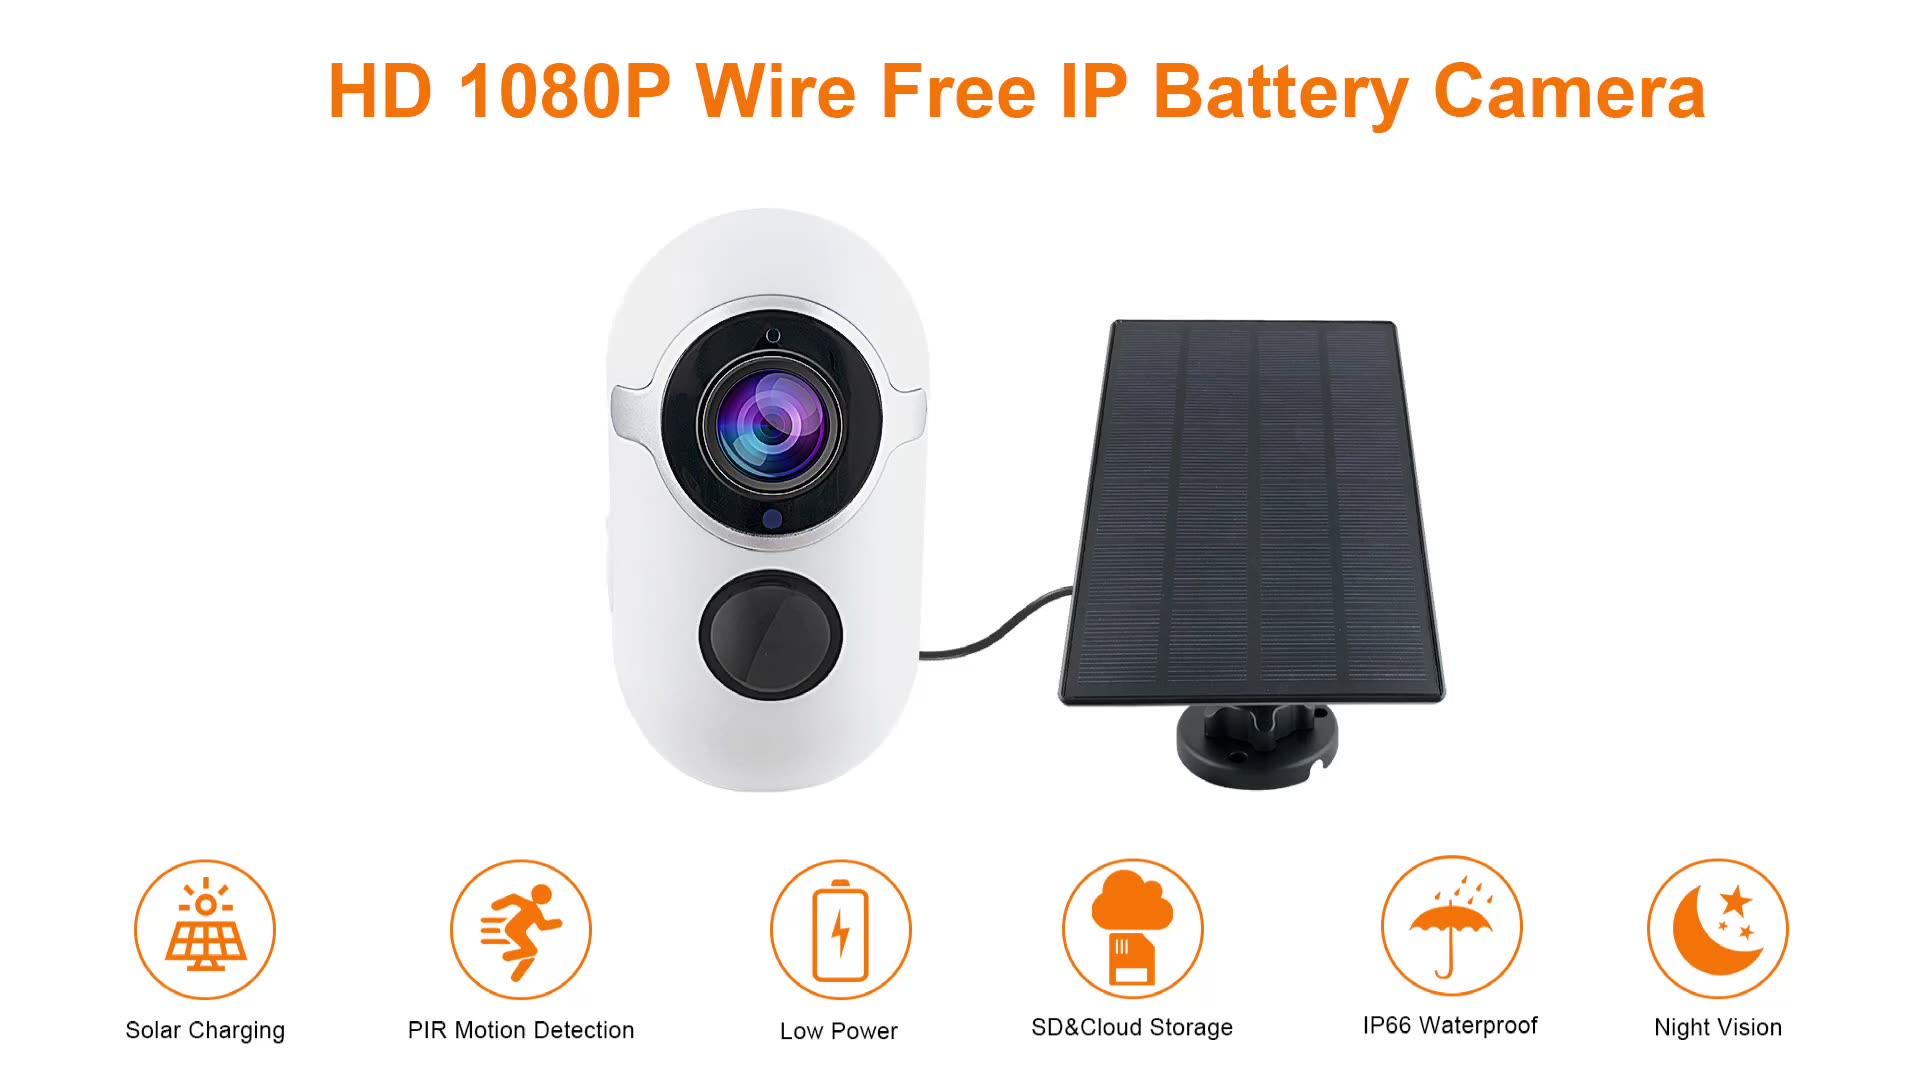 Sinovision all'aperto IP66 impermeabile solar powered batteria della macchina fotografica 2.0mp wifi pannello solare macchina fotografica con audio bidirezionale visione notturna di HD